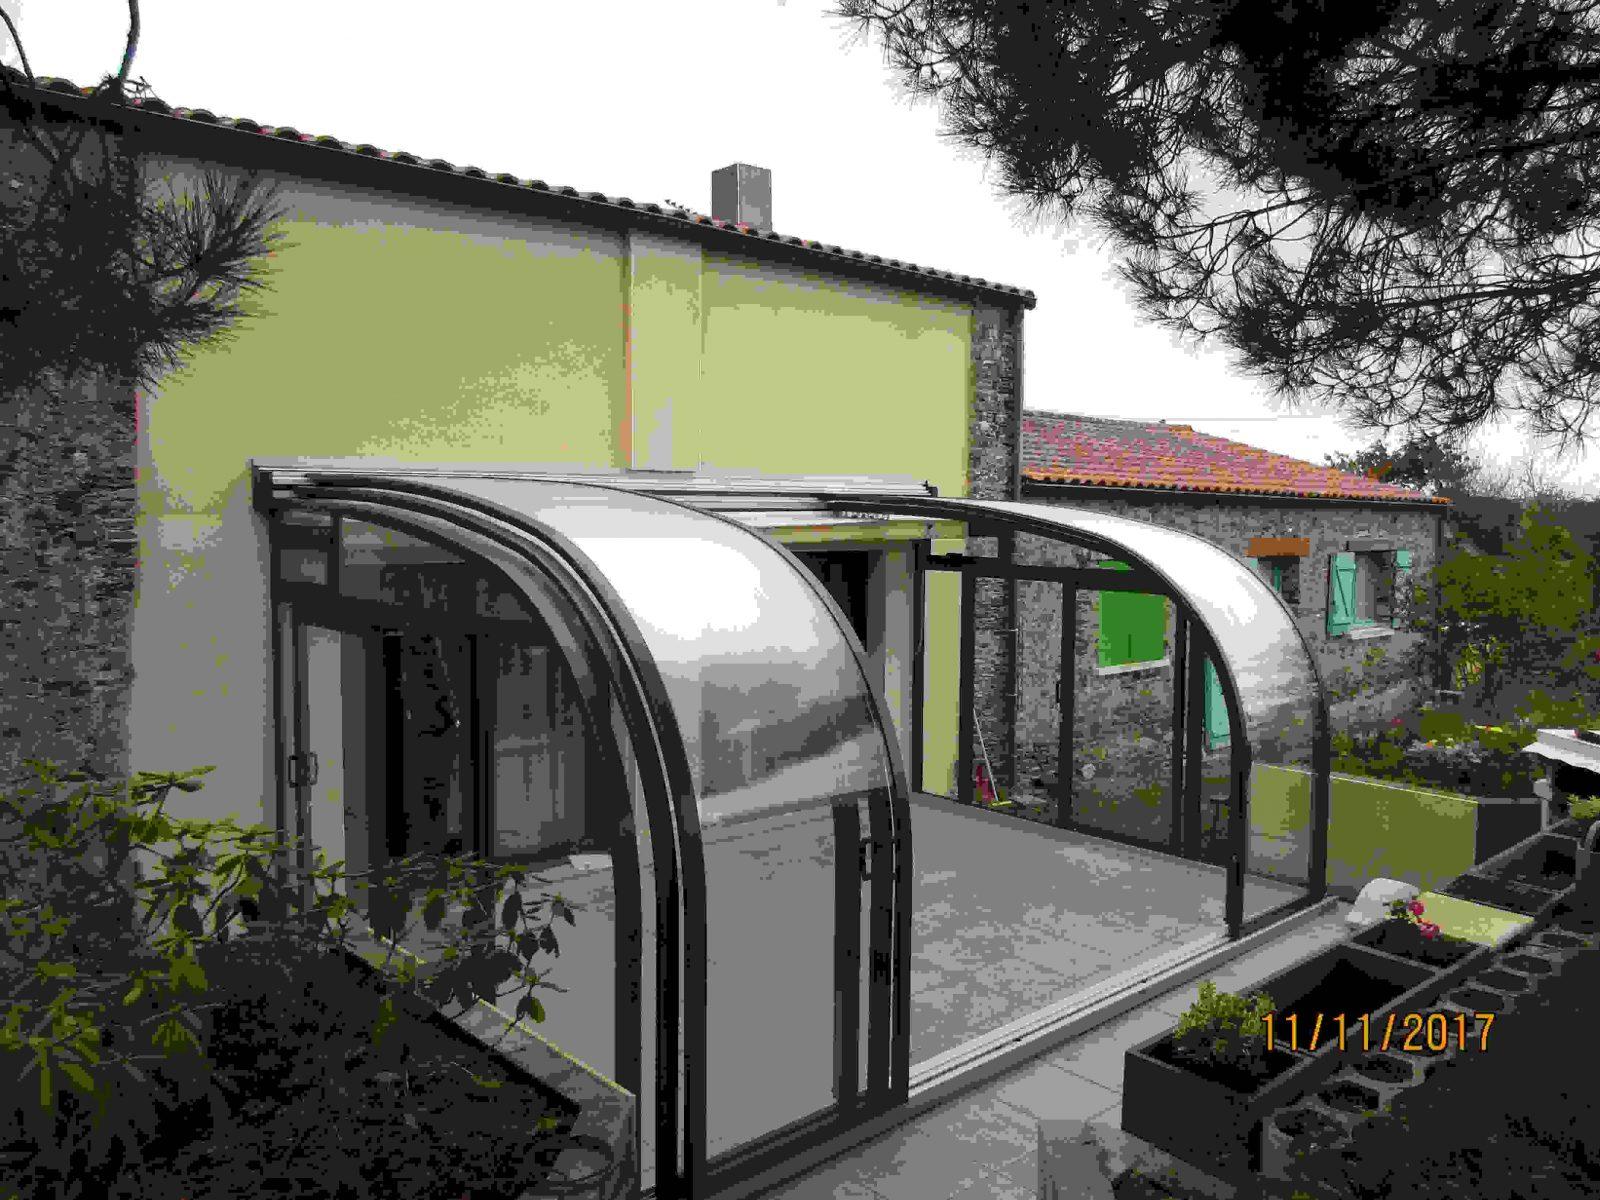 Uberdachung Terrasse Selber Bauen